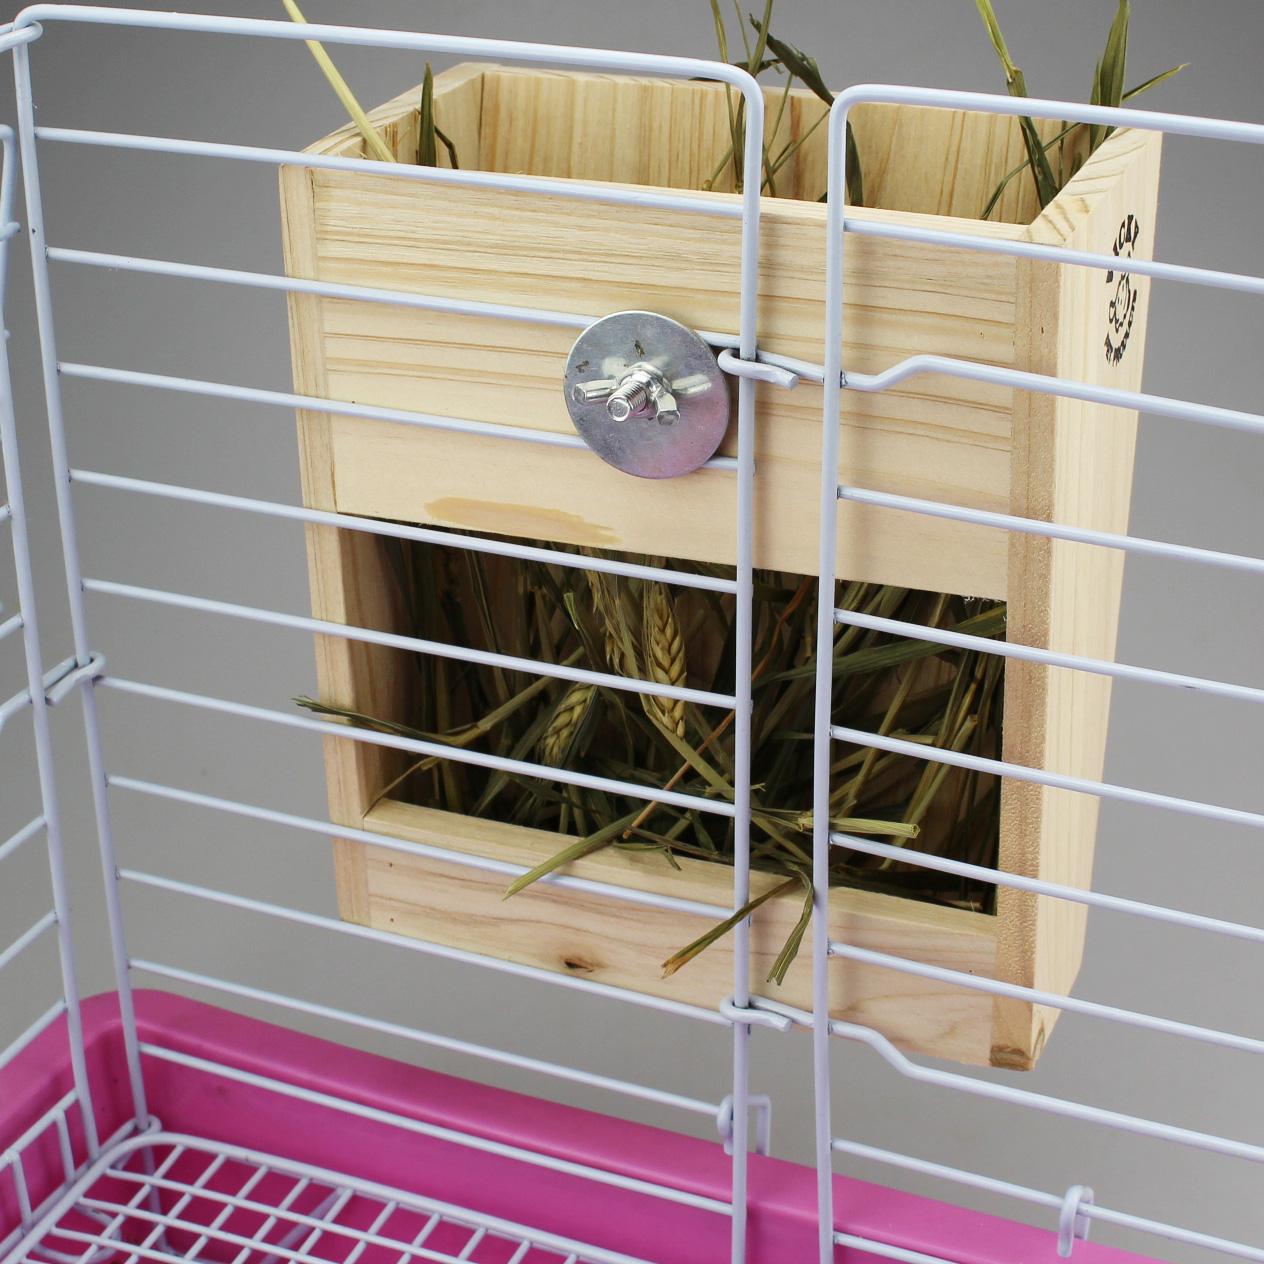 倉鼠籠 寵物籠 倉鼠窩 兔子籠熱銷 天然木質兔子 龍貓 荷蘭豬 木草架/2合1食盆 多款任選